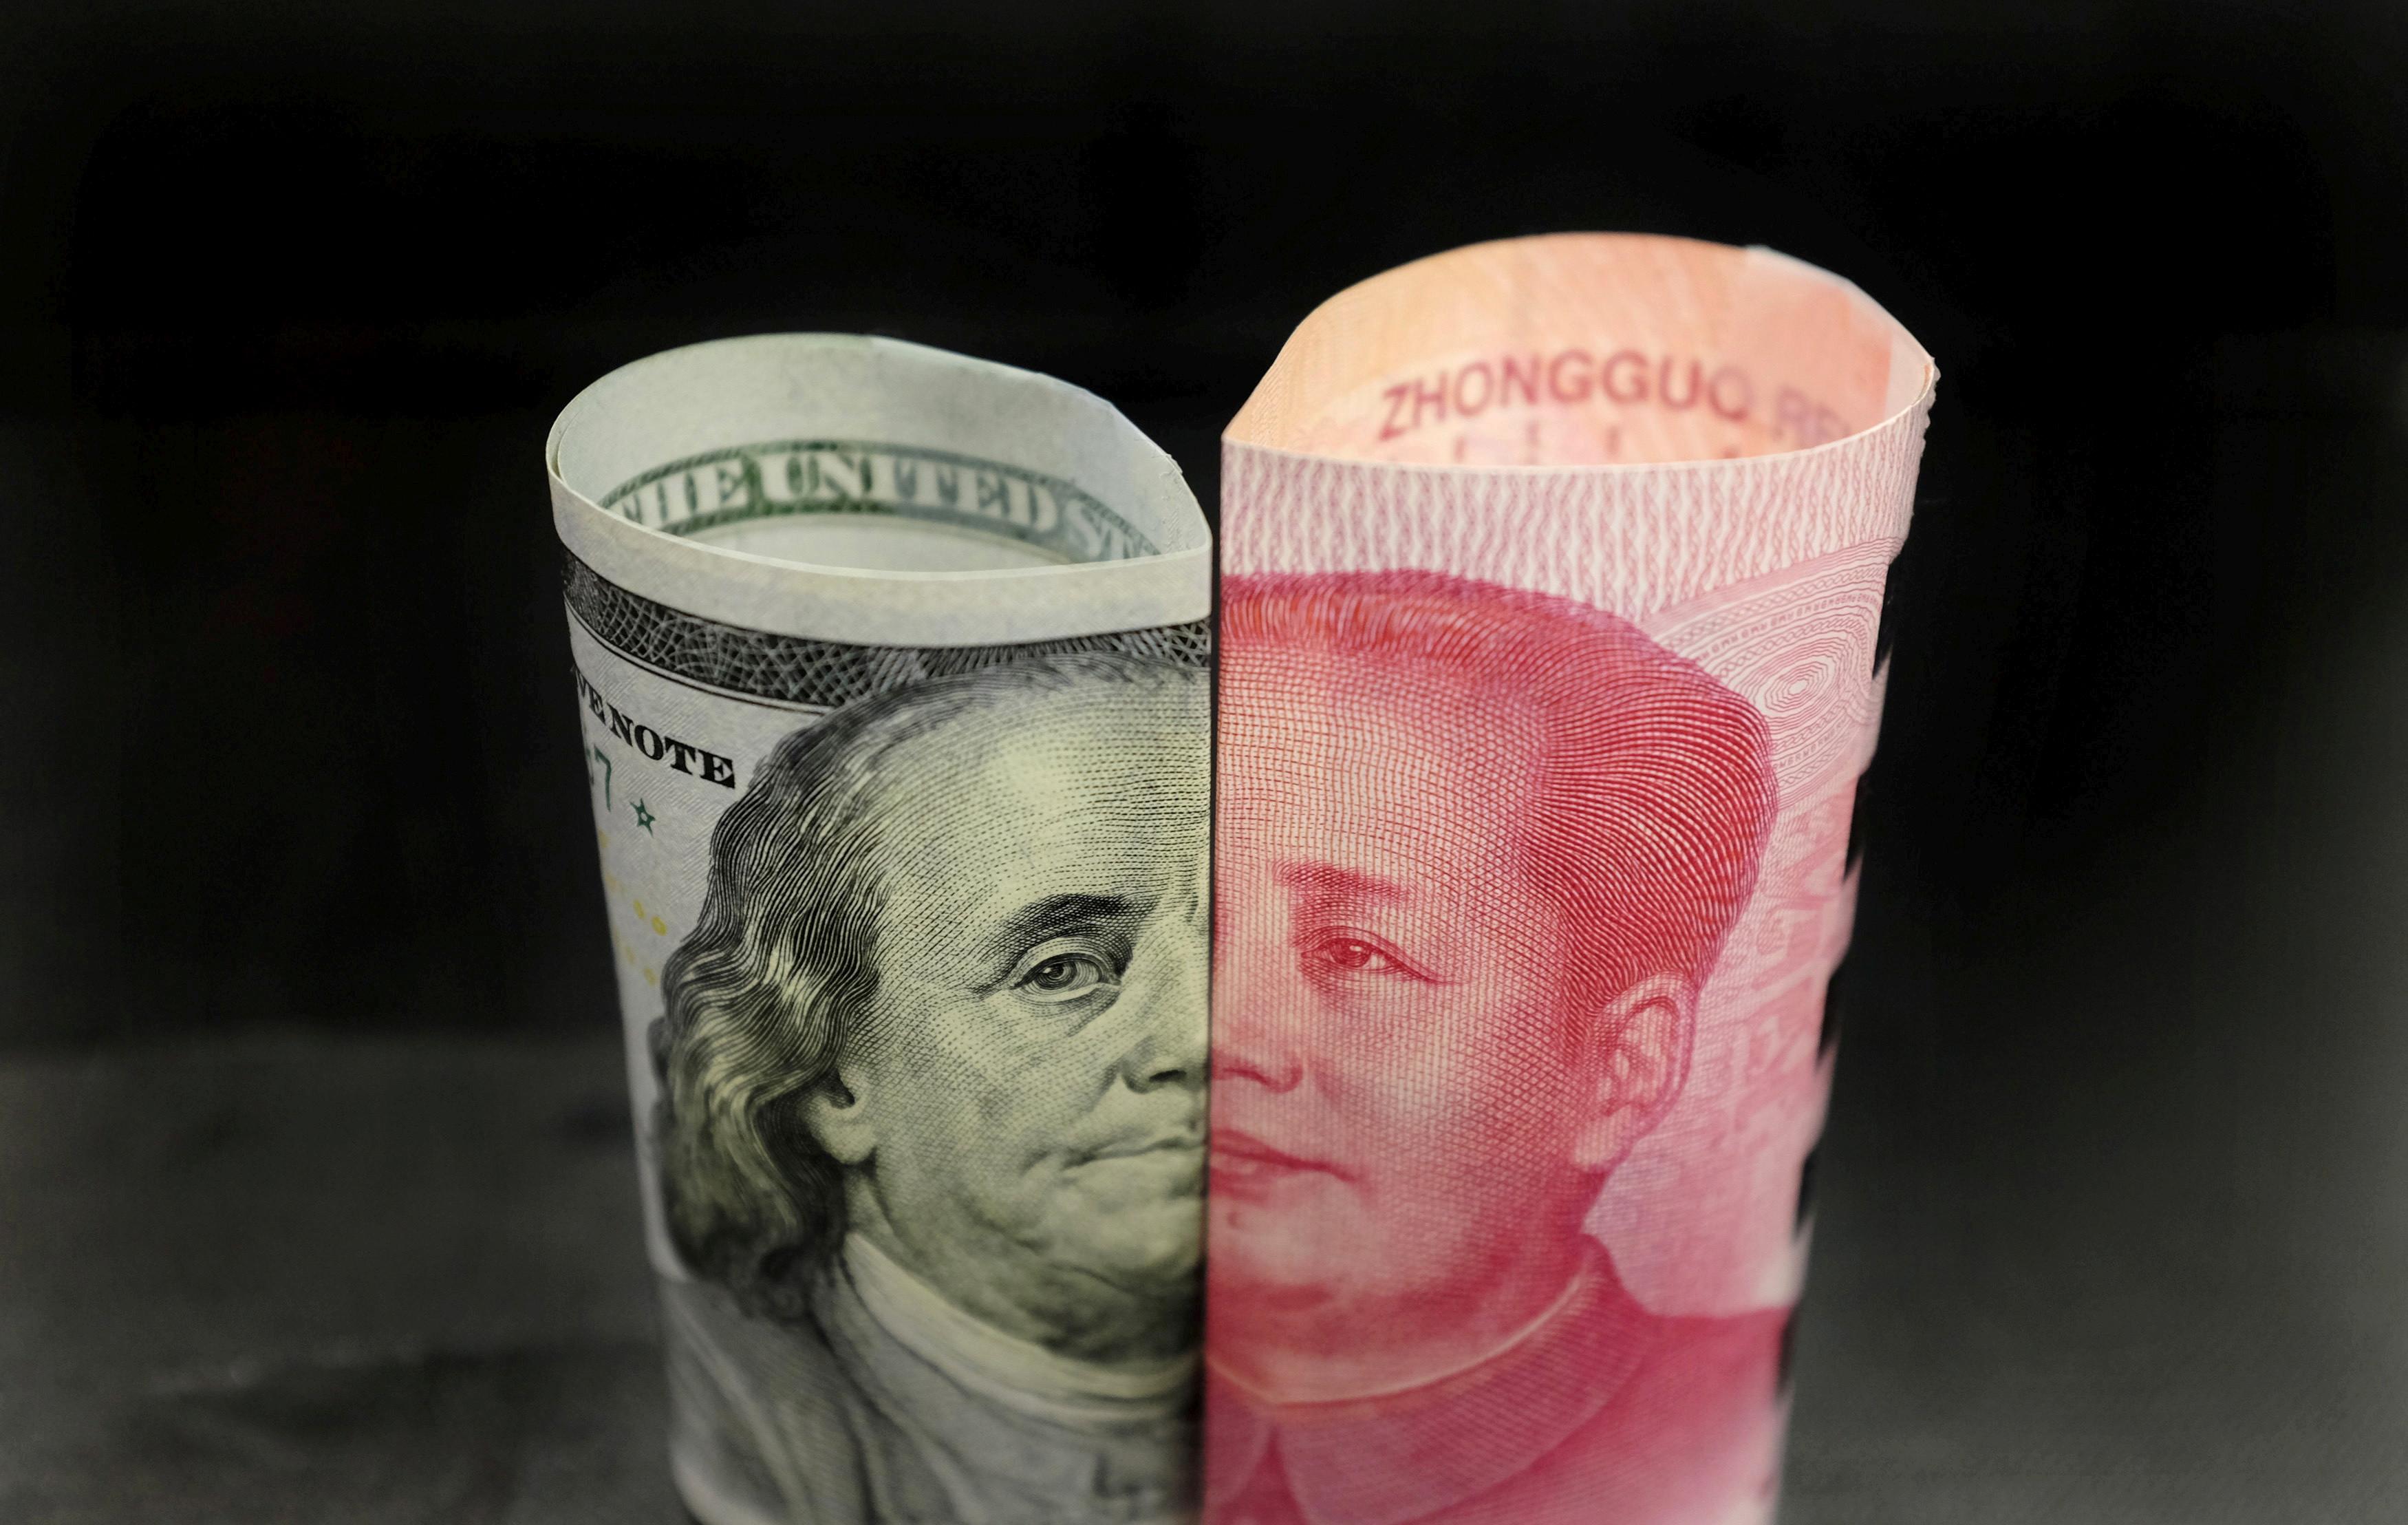 數位貨幣,CBDC,DCEP,人民幣,中國經濟,金融霸權,阿里巴巴,騰訊,螞蟻集團,聯準會